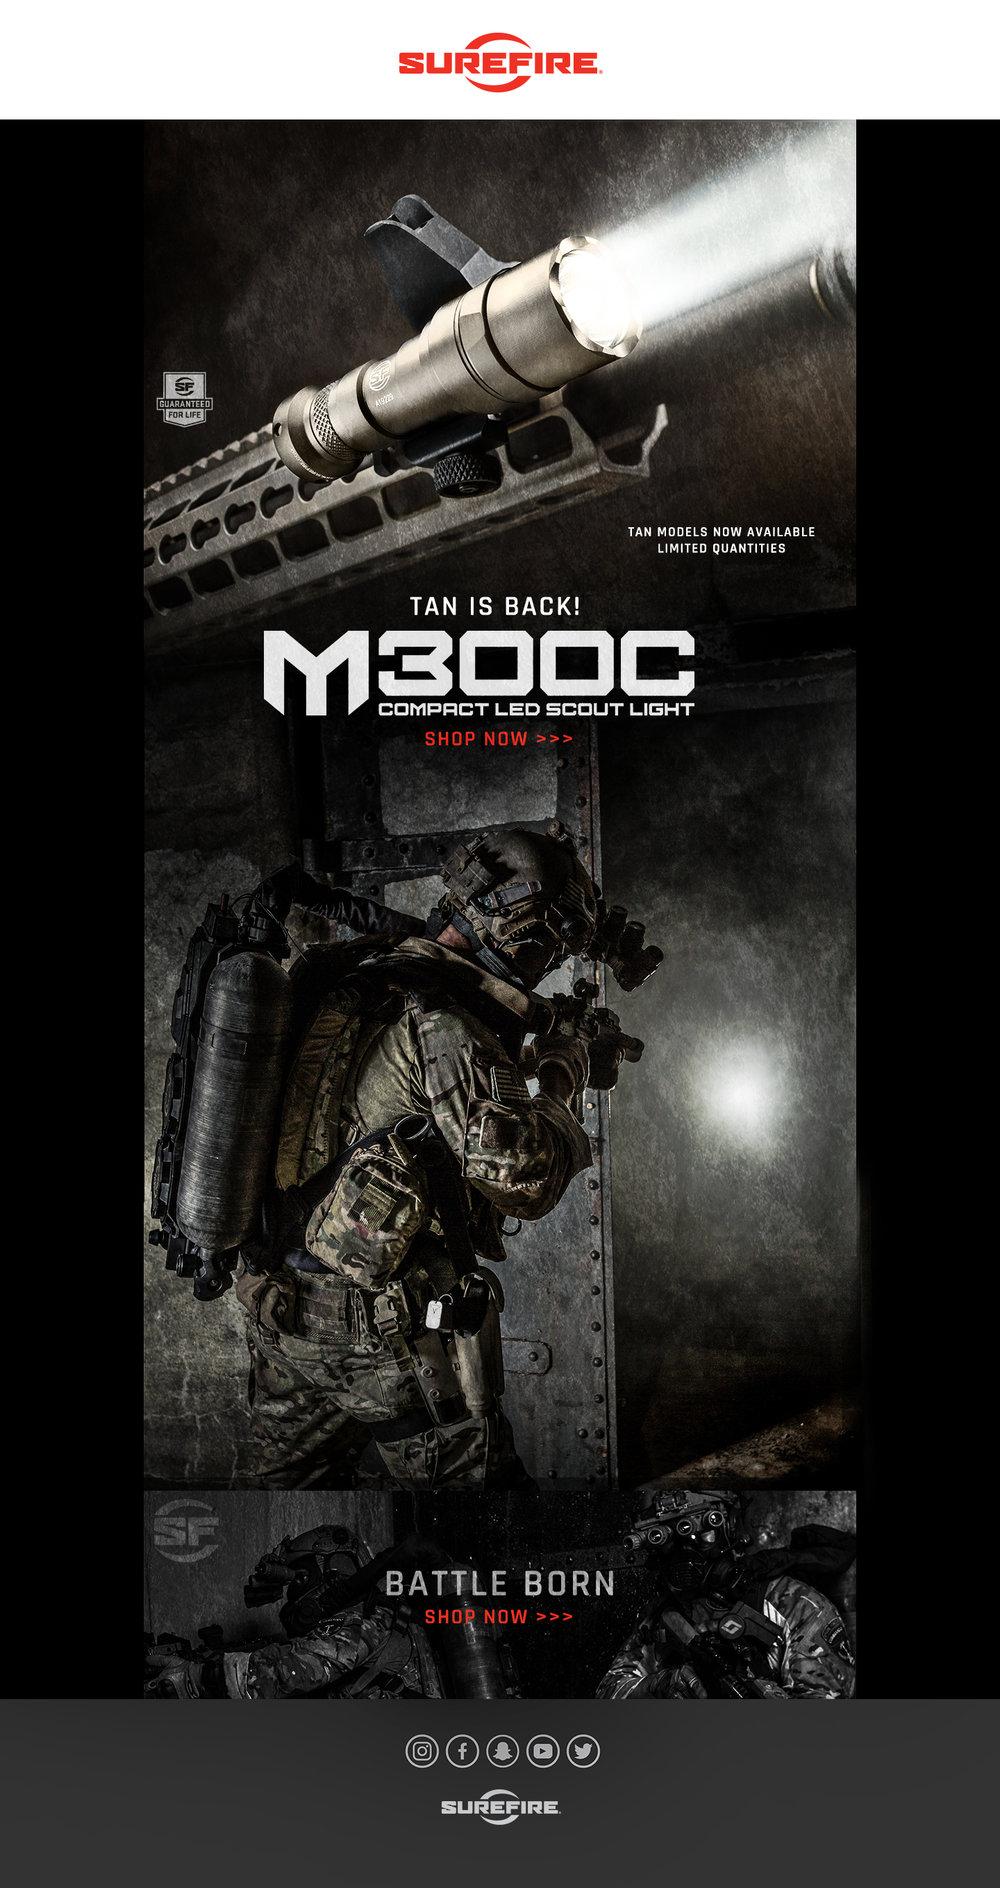 M300C-Mini-eblast.jpg